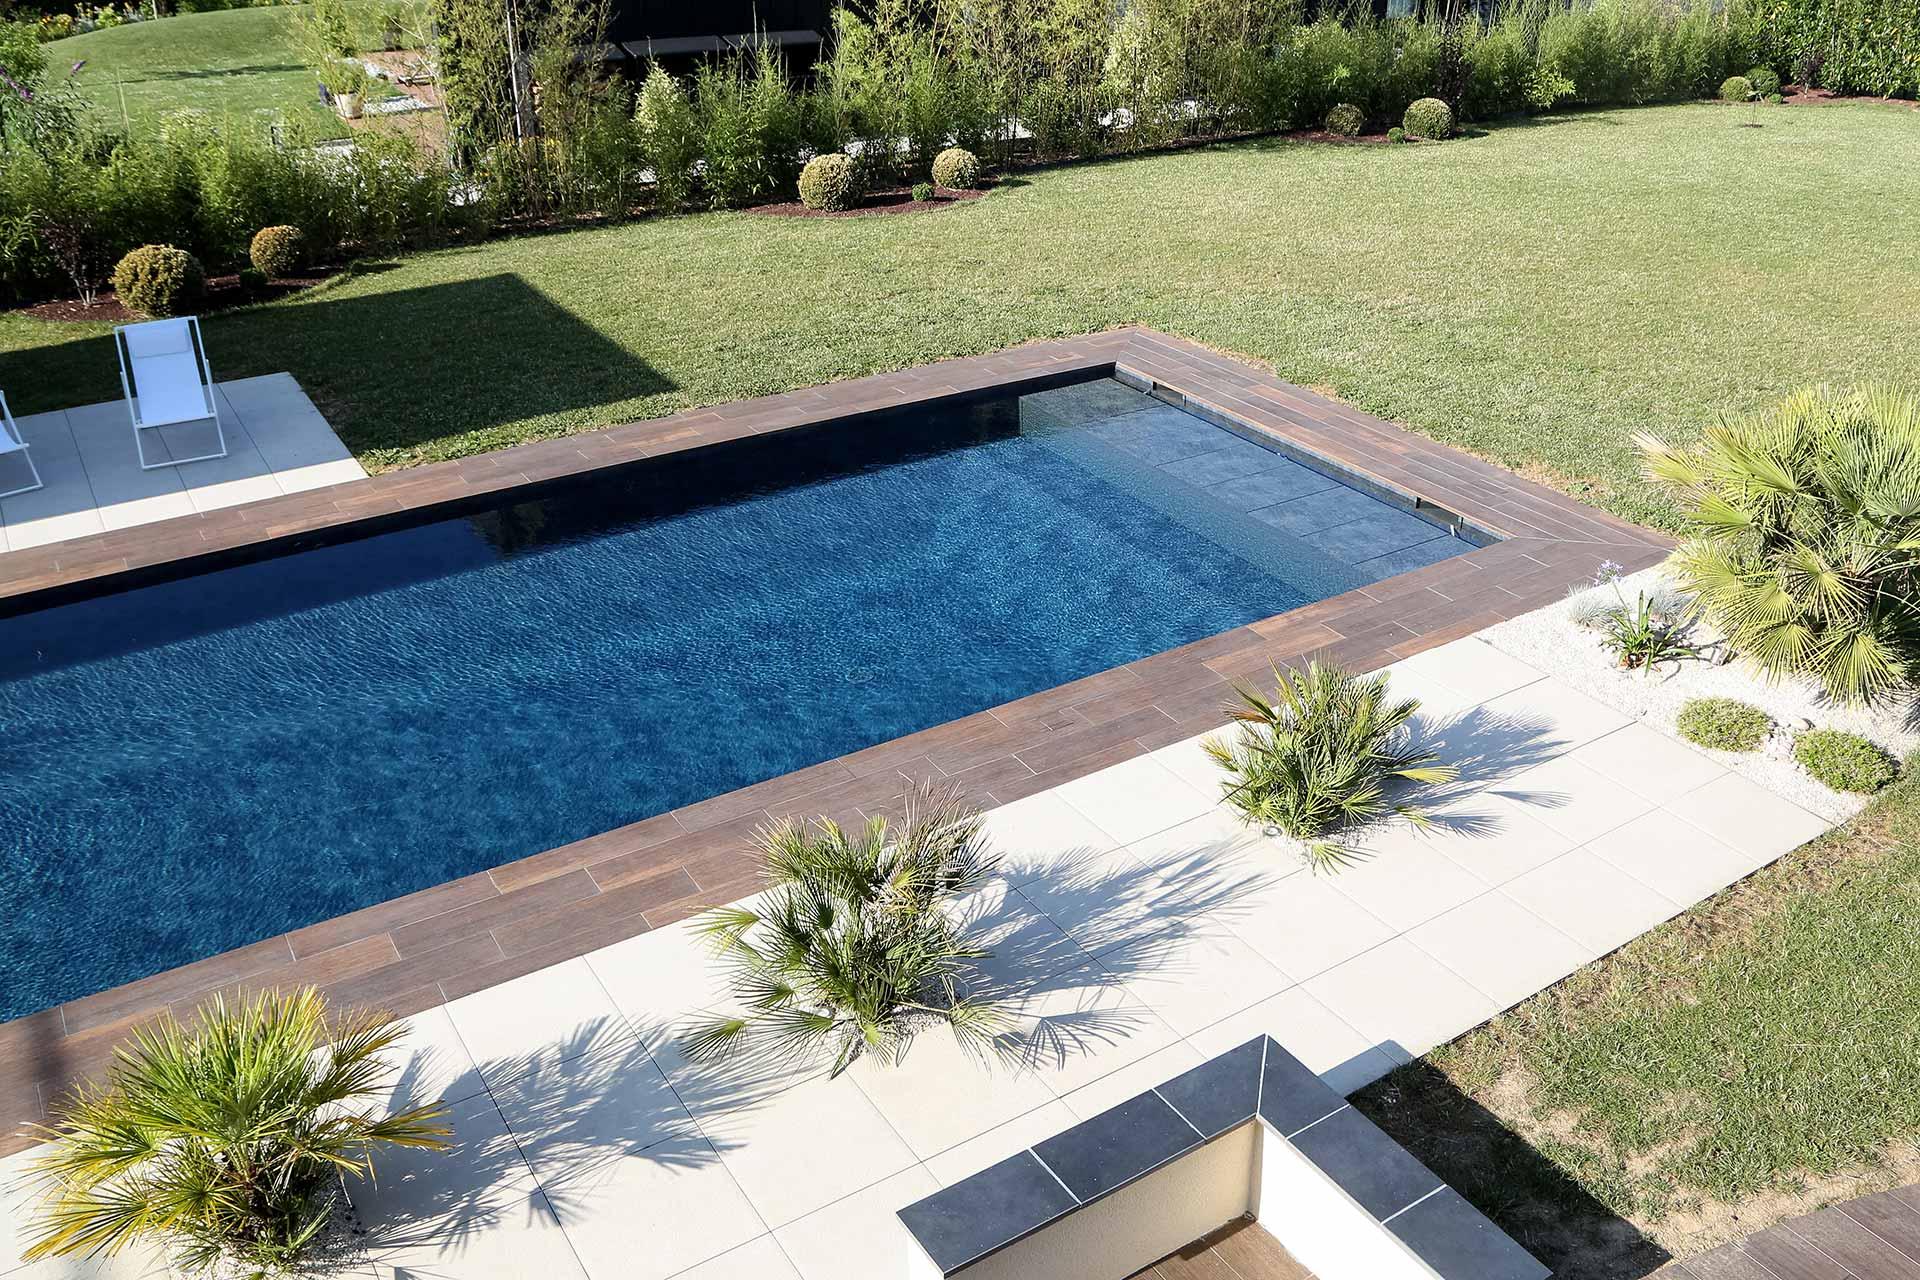 Comment valoriser vos extérieurs ? Serrault Jardins à Tours vous aide vous imaginer votre nouveau jardin.